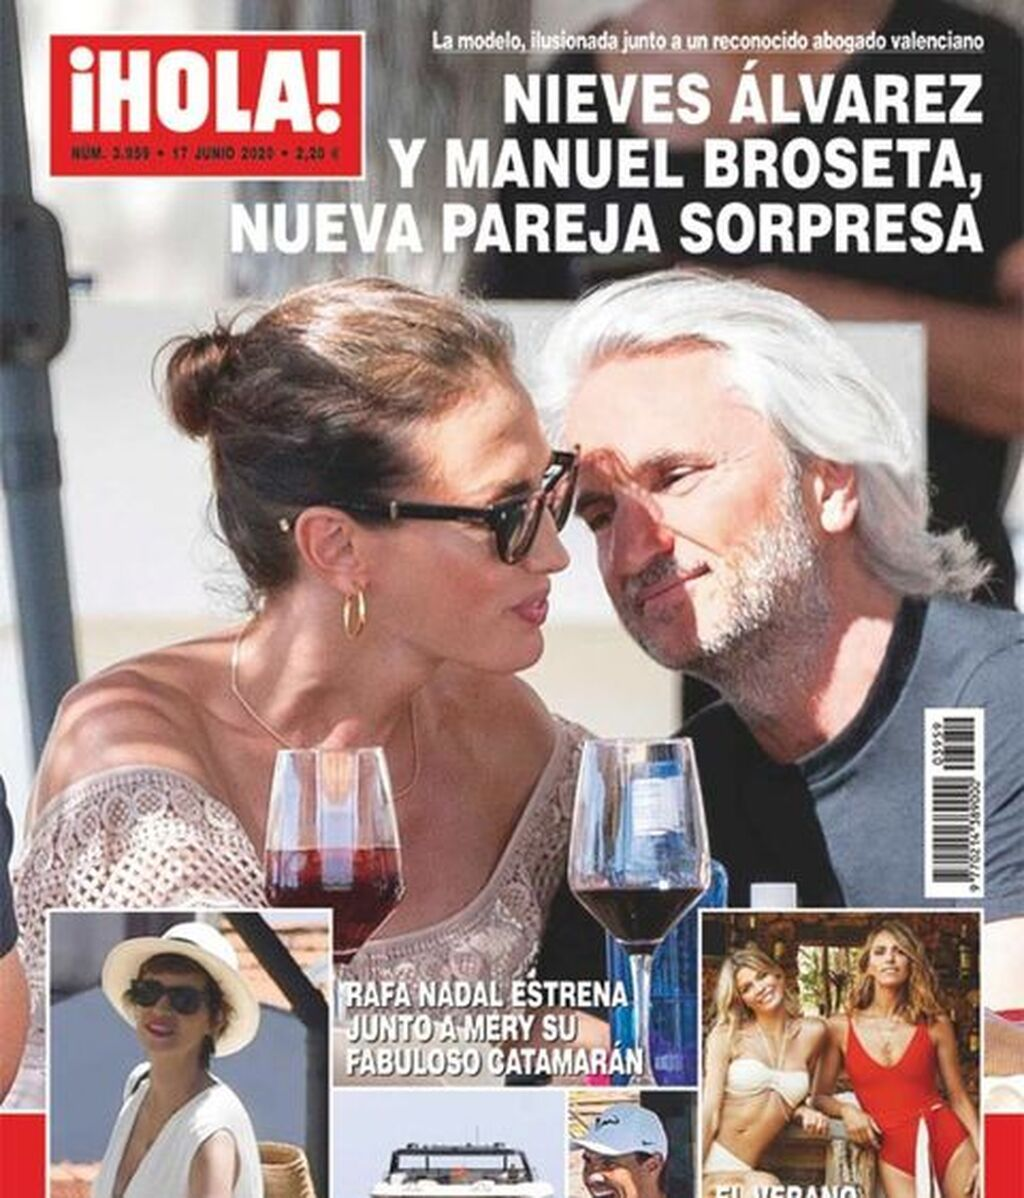 Nieves Álvarez y Manuel Broseta rompen tras un año de relación